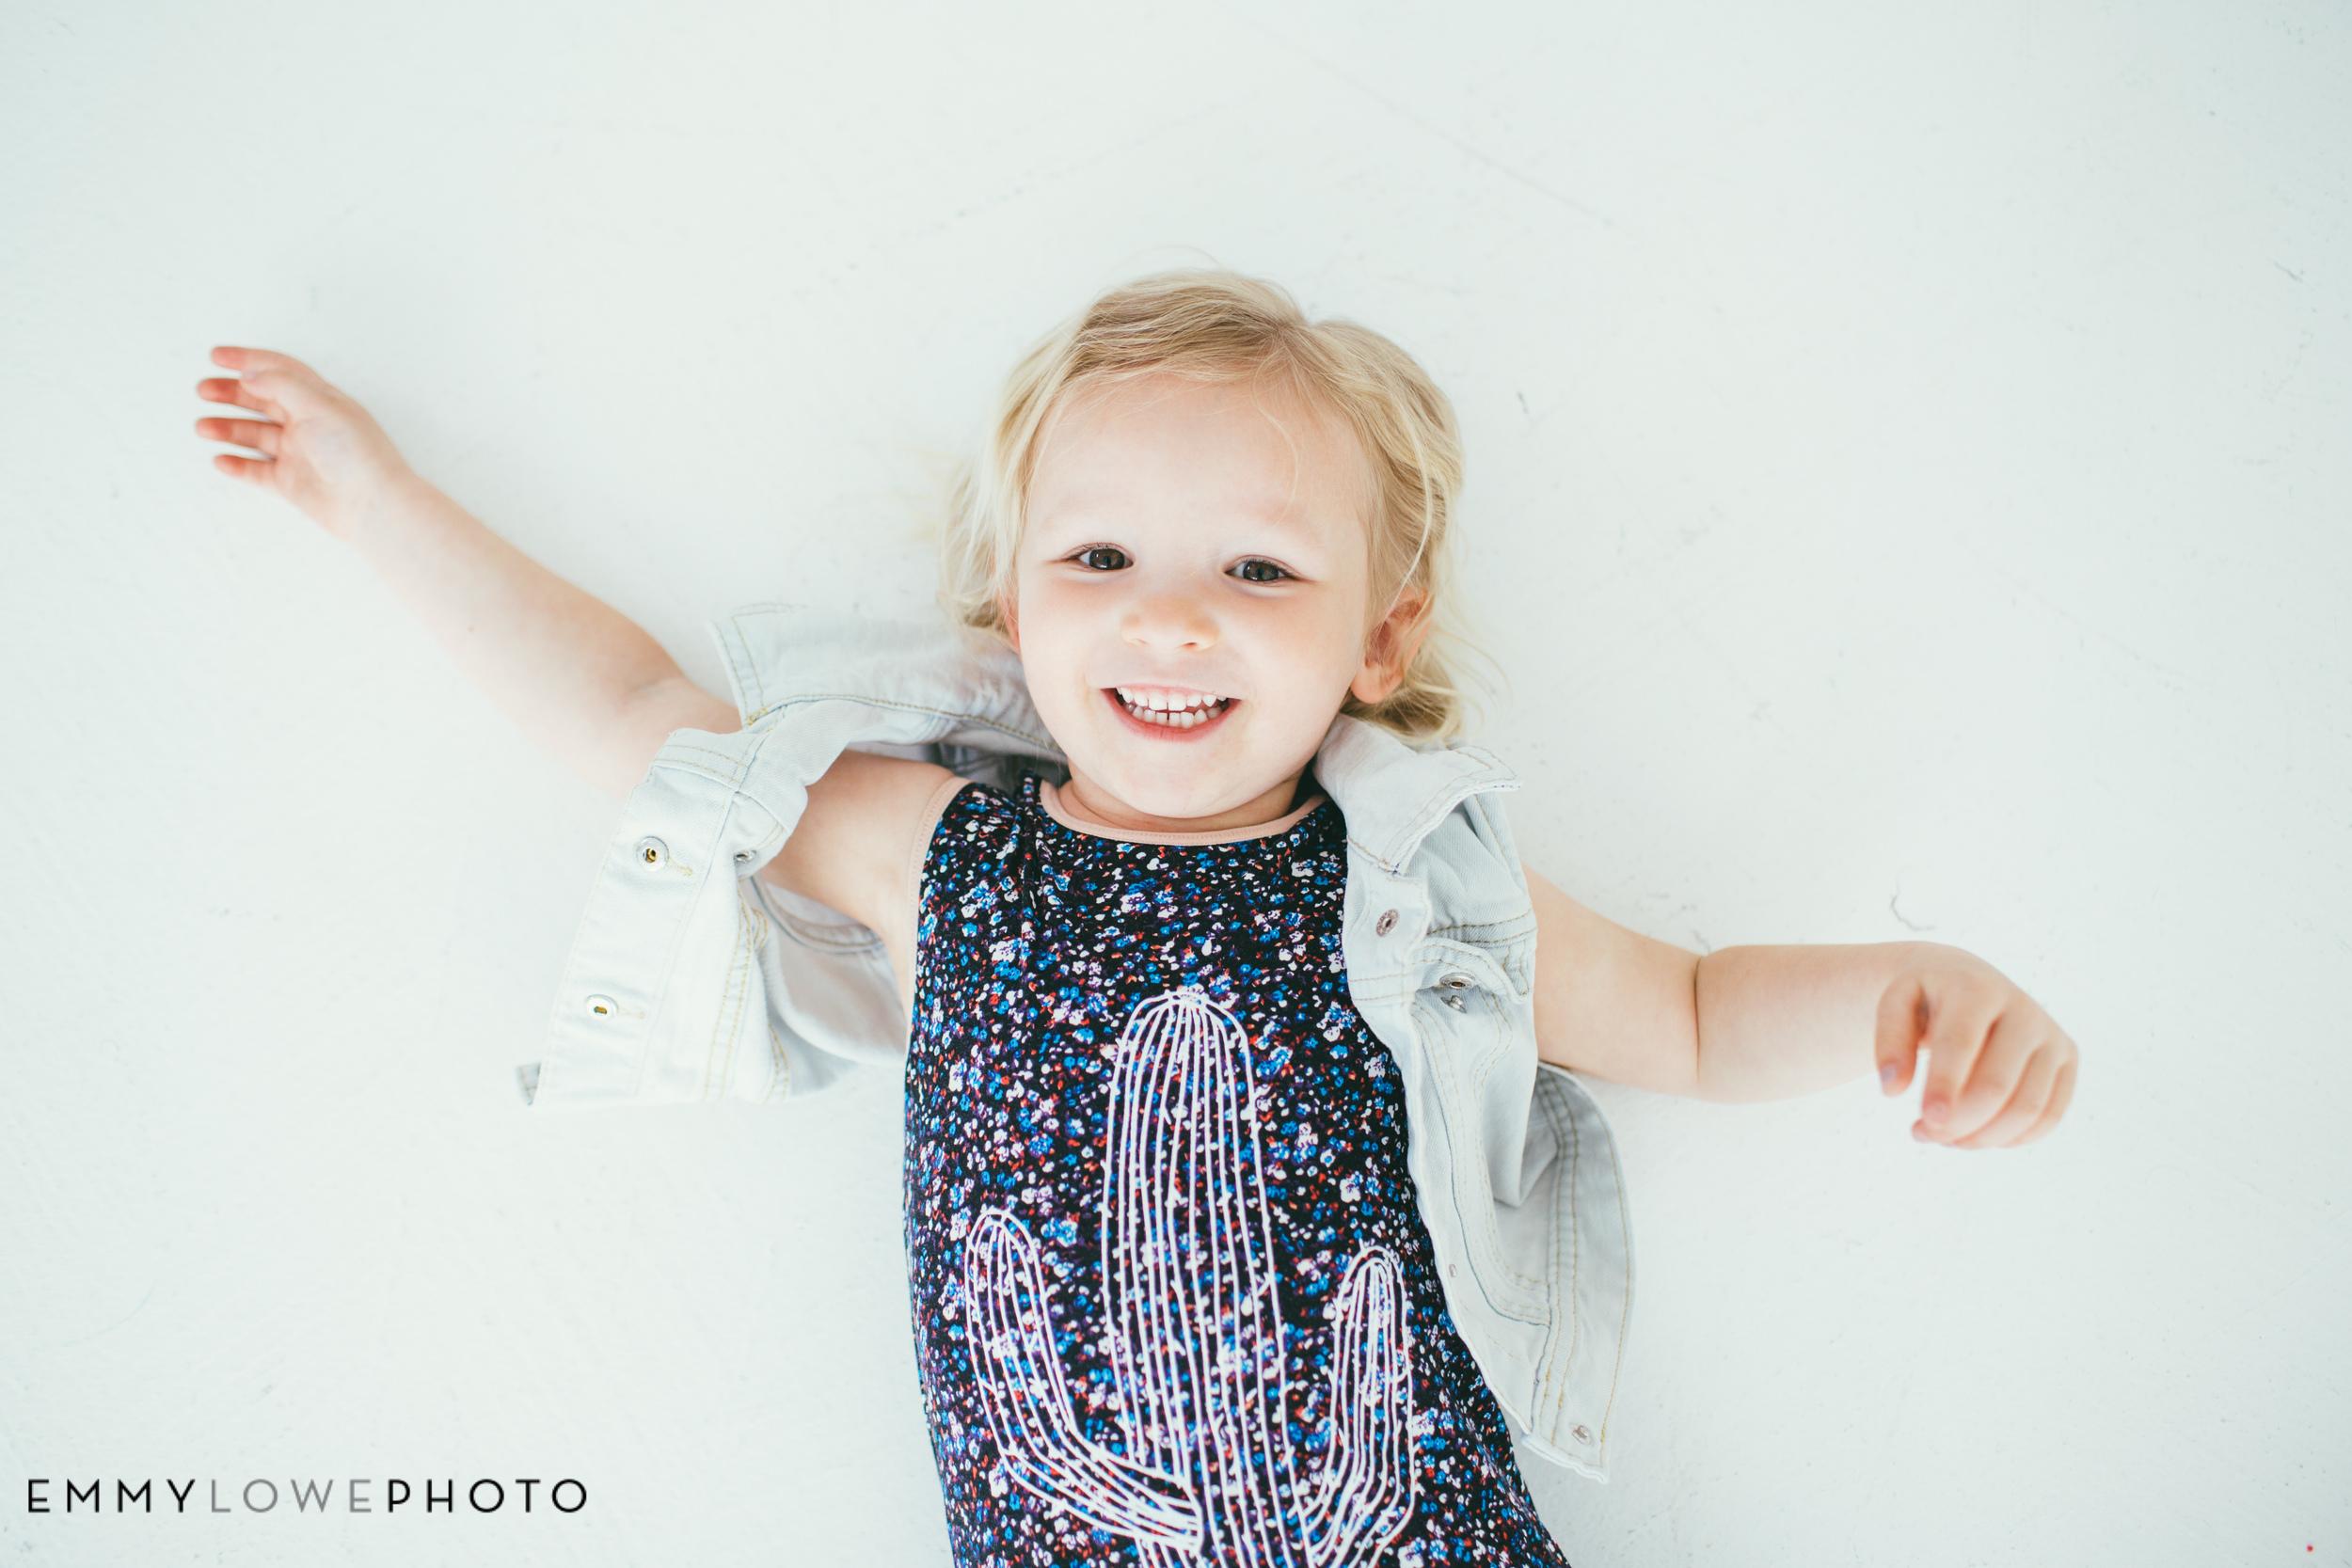 EmmyLowePhotoRagstoRachesSaltLakeCityUtahChildFashionPhotographer